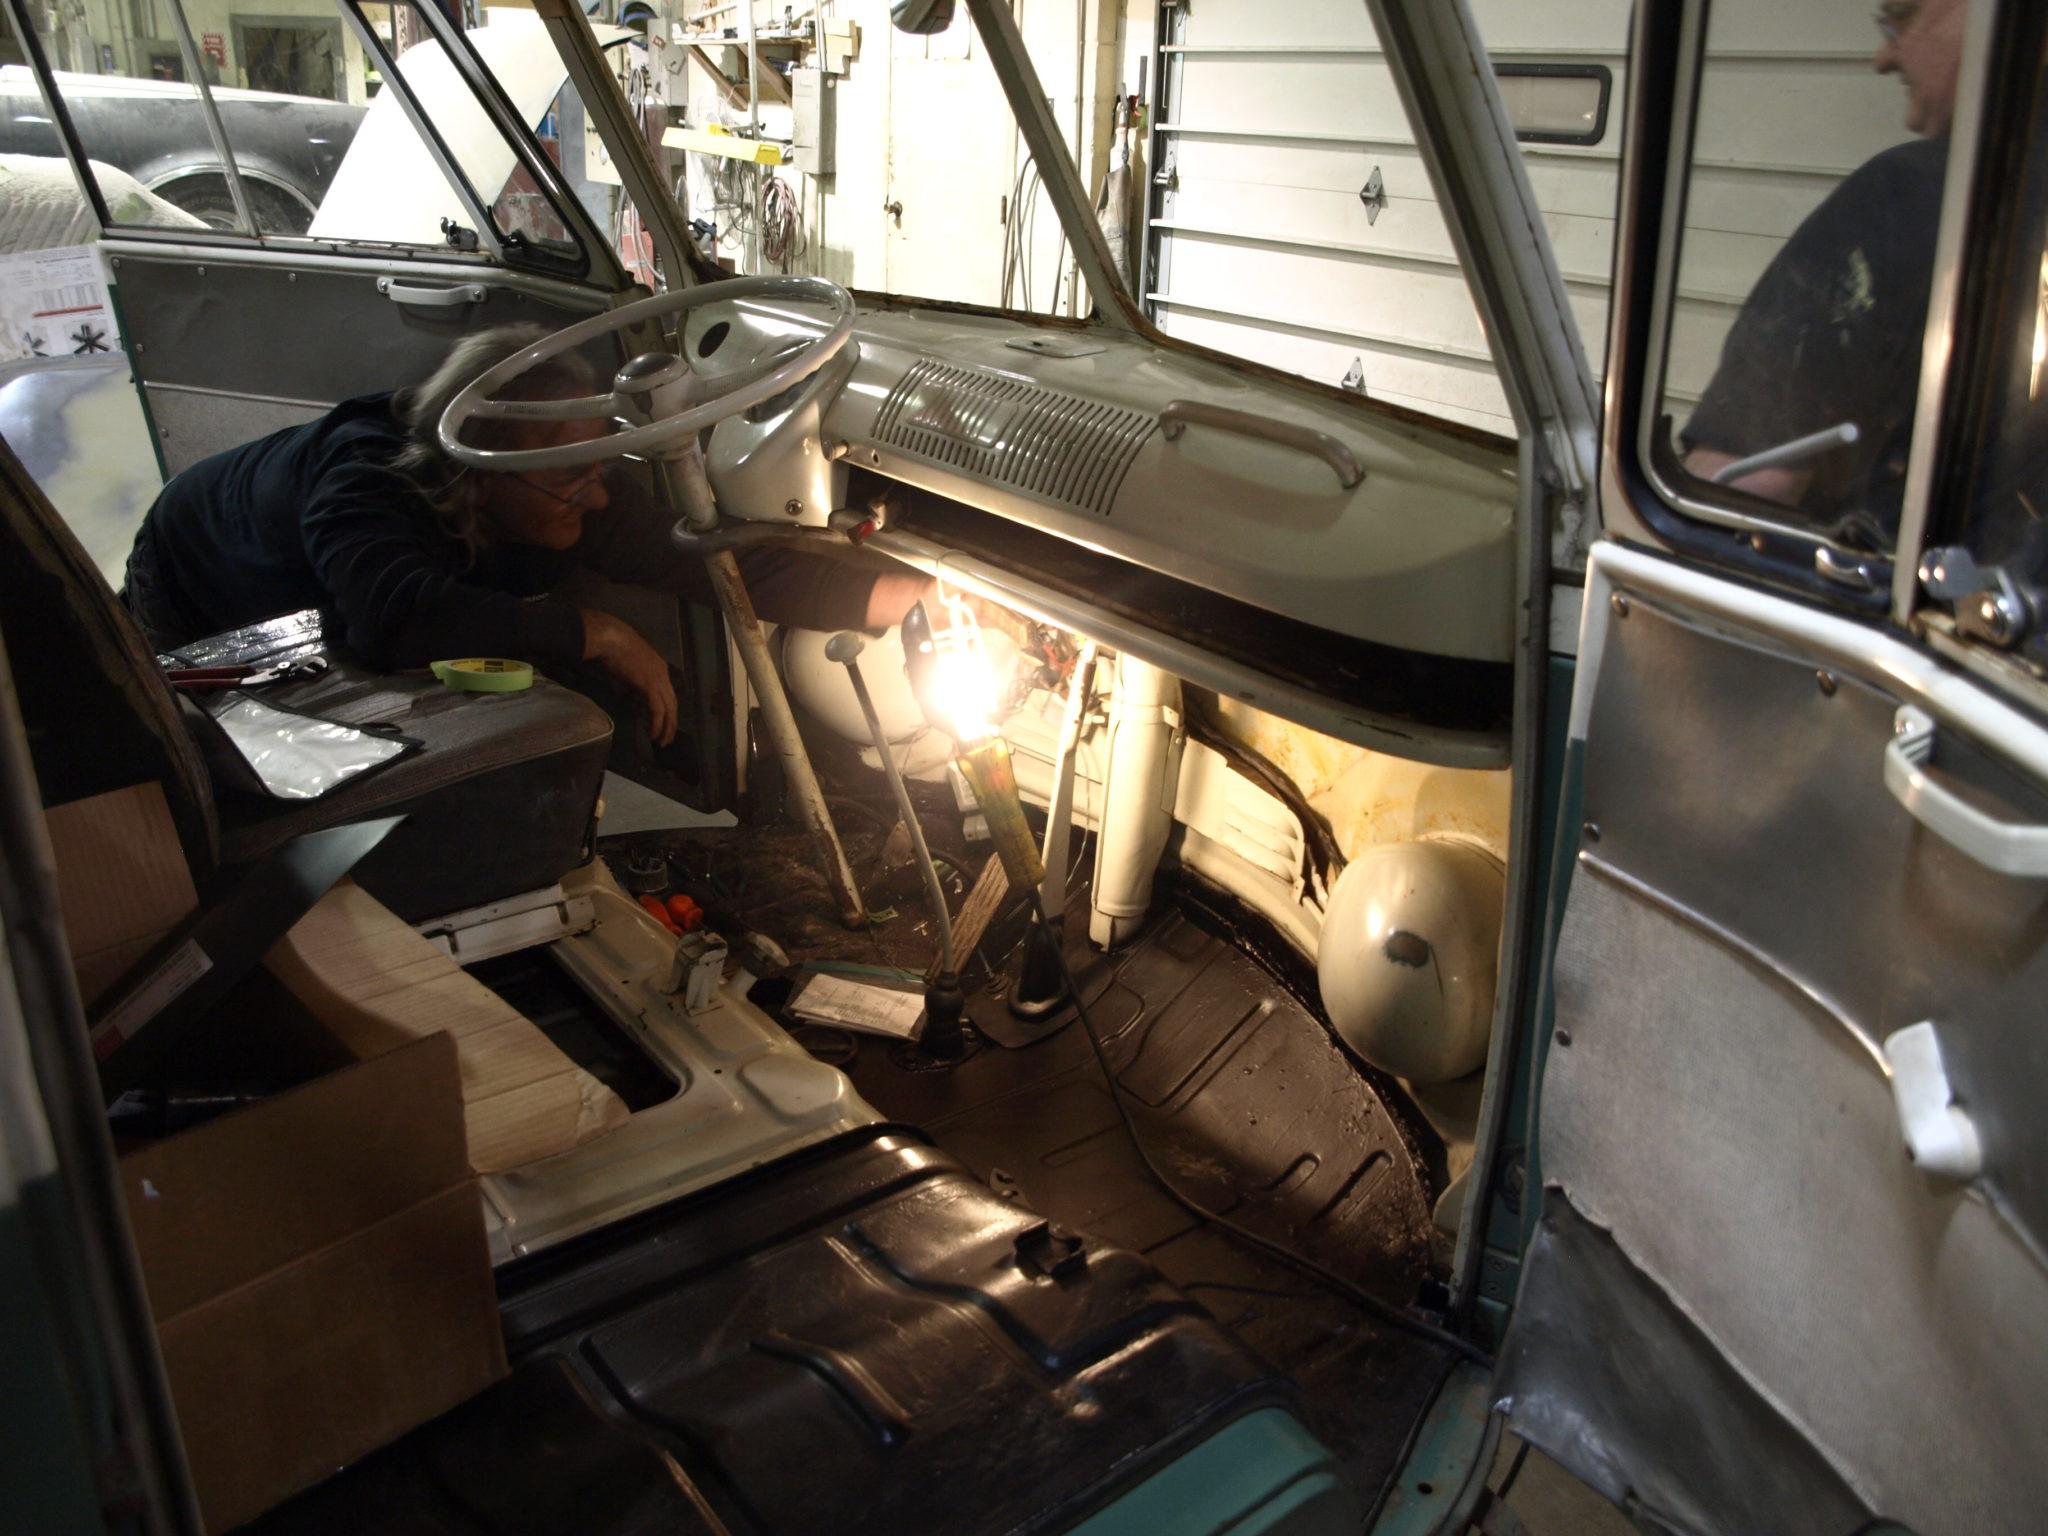 1966 vw bus precision car restoration. Black Bedroom Furniture Sets. Home Design Ideas